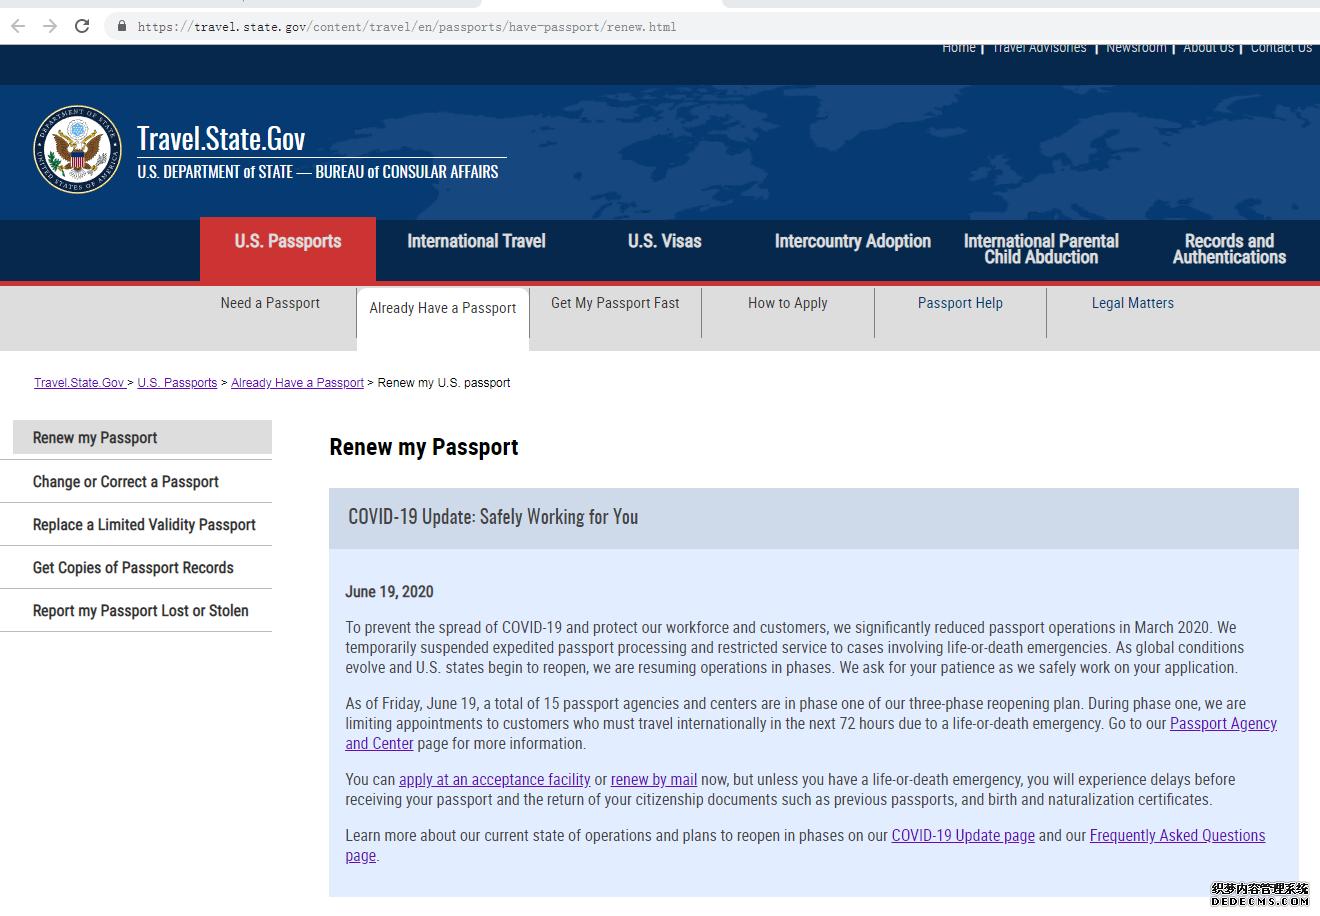 美宝美国护照疫情期间办理的情况,最新攻略。